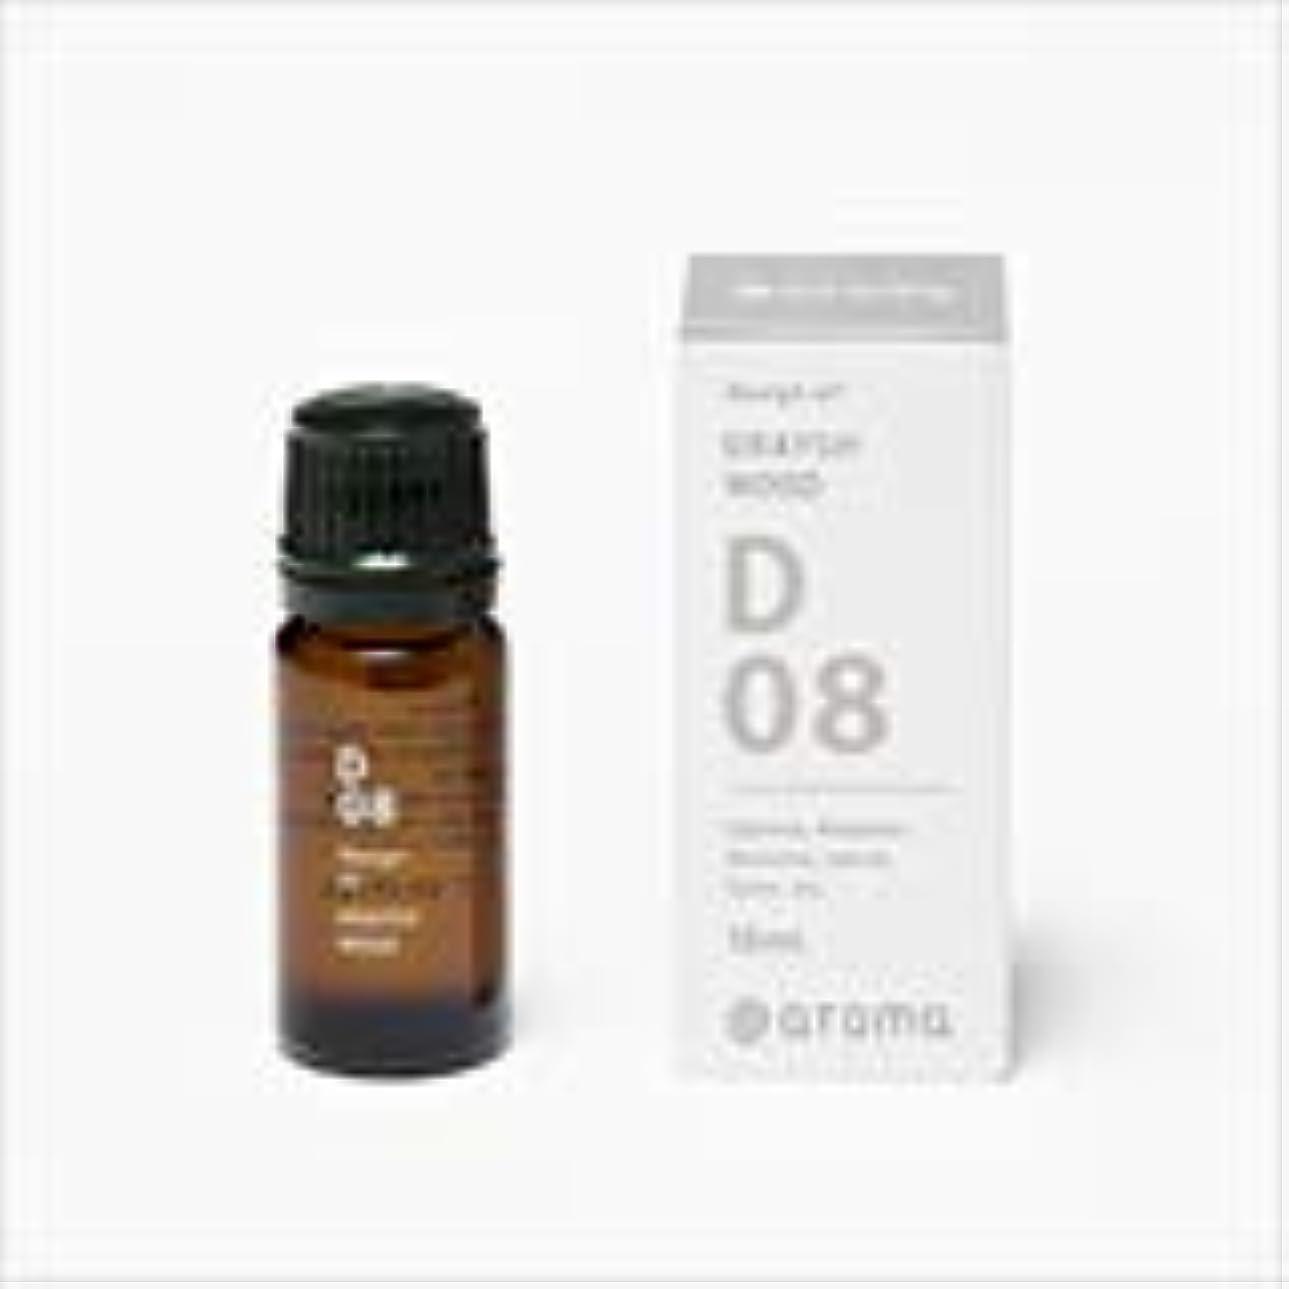 居間ピーブからに変化するアットアロマ 100%pure essential oil <Design air コンフォートリラックス>